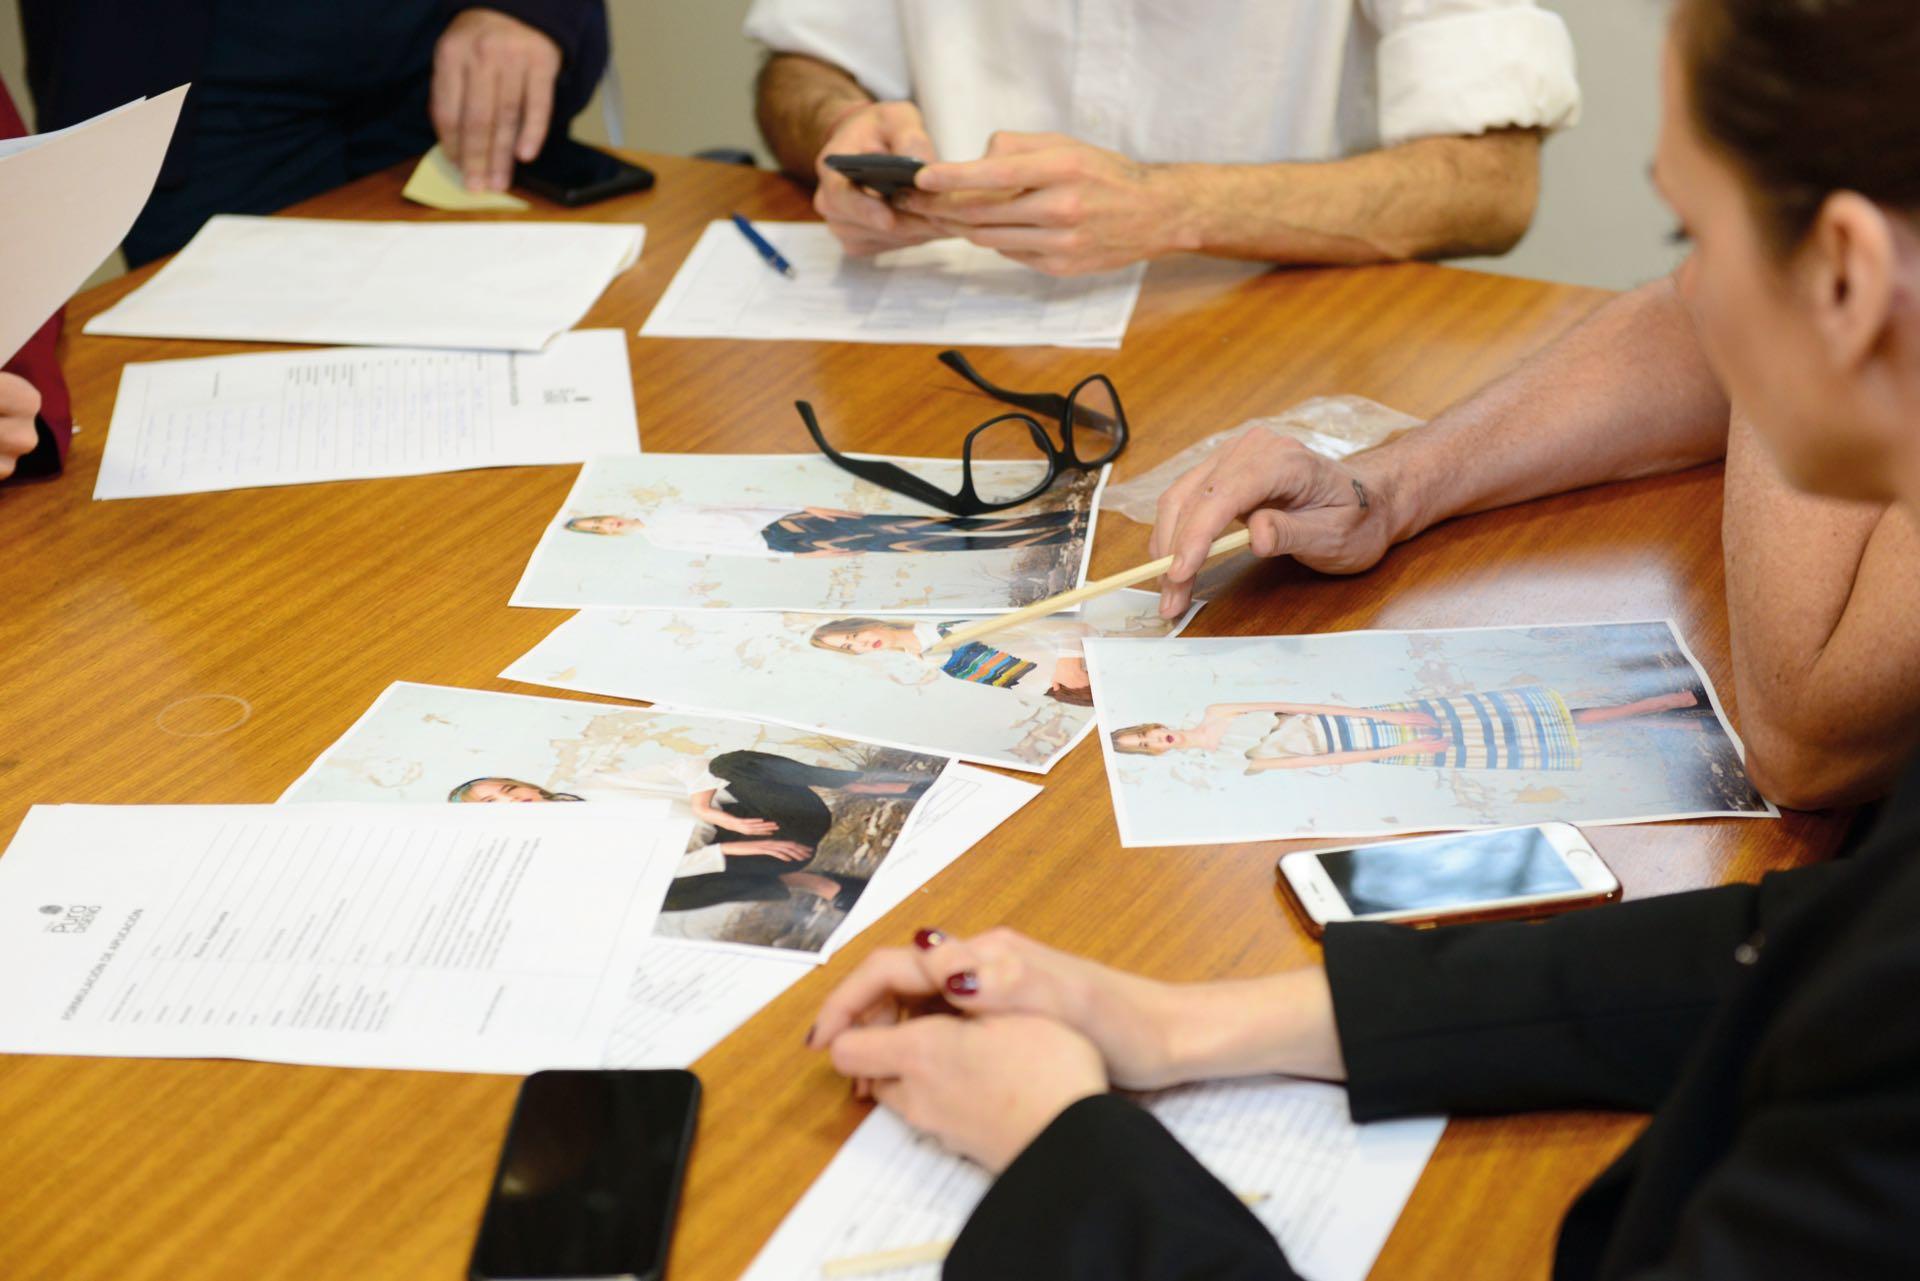 En acción, el comité de selección evaluando los productos.